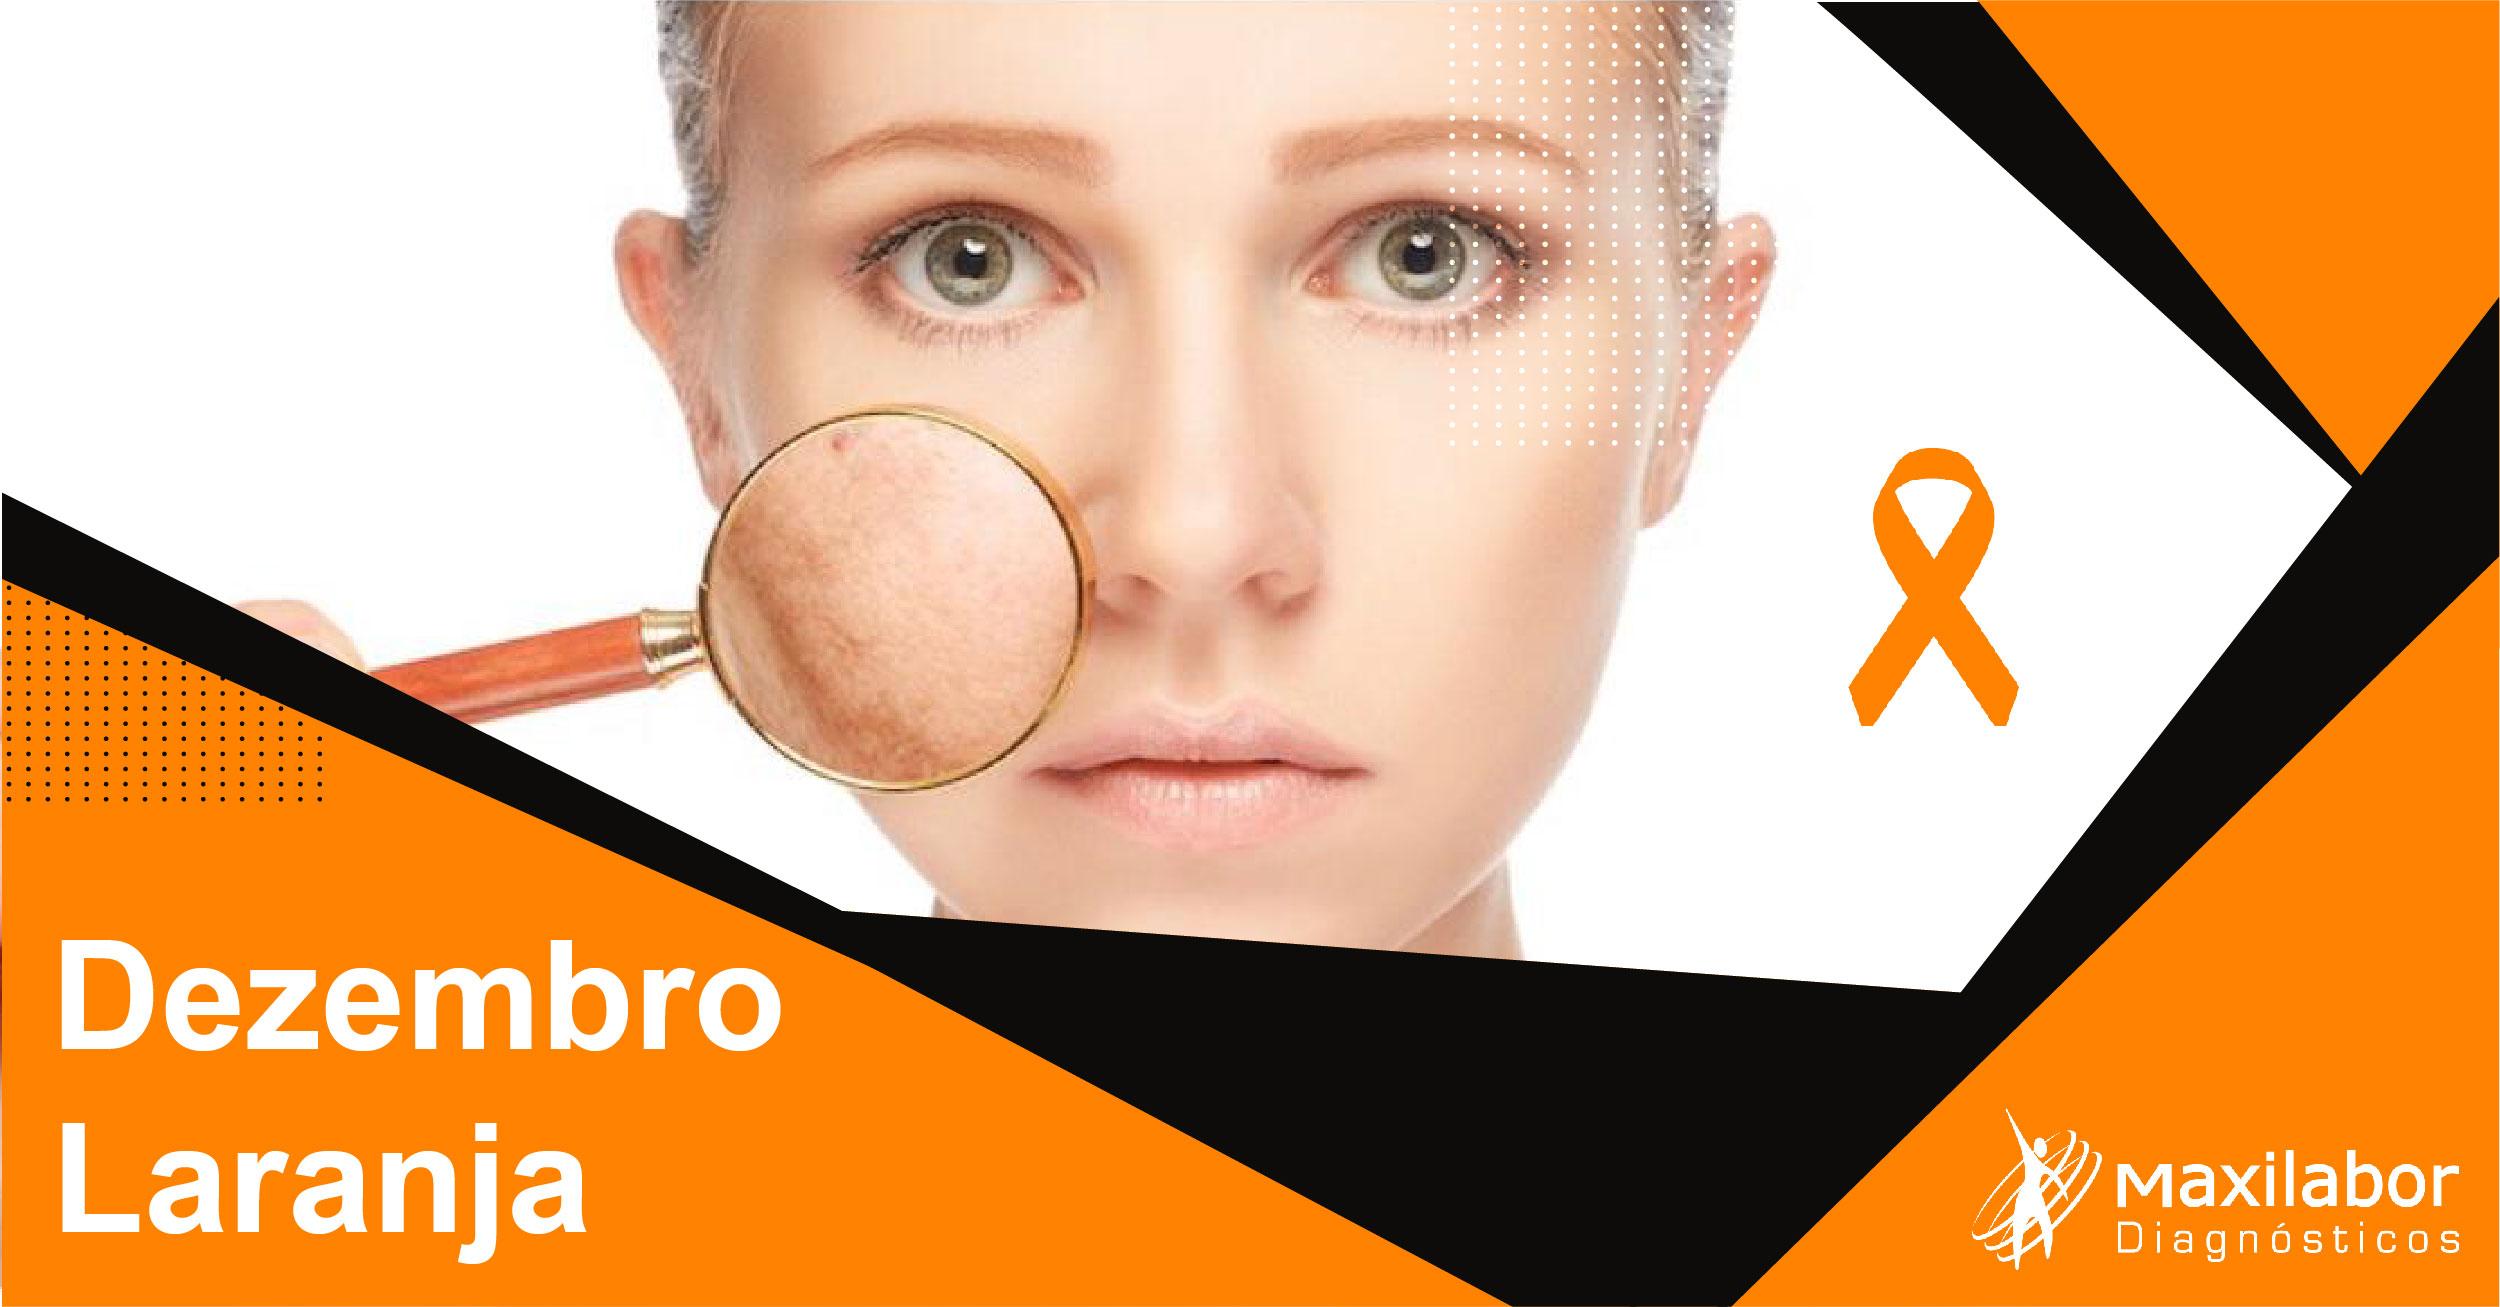 Dezembro Laranja – conscientização sobre o câncer de pele